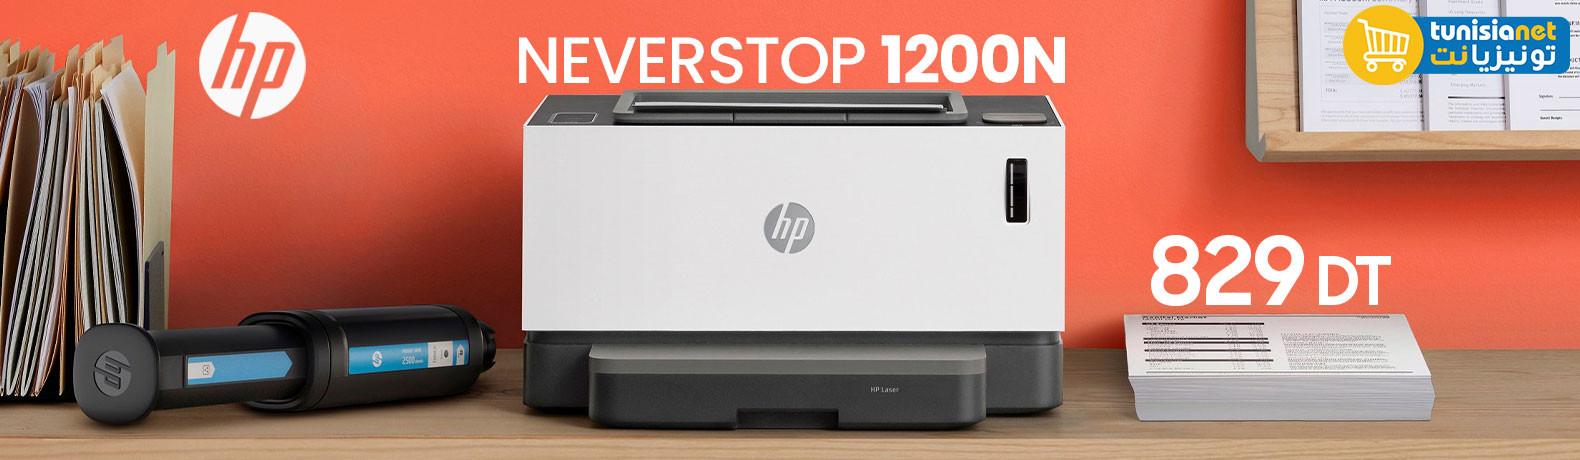 Imprimante HP NeverStop Tunisie